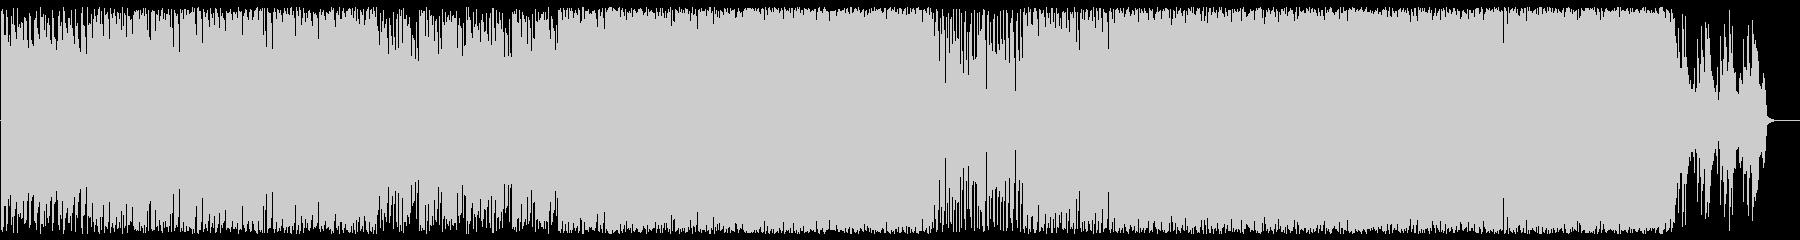 ムーディでオシャレなアコギとピアノBGMの未再生の波形